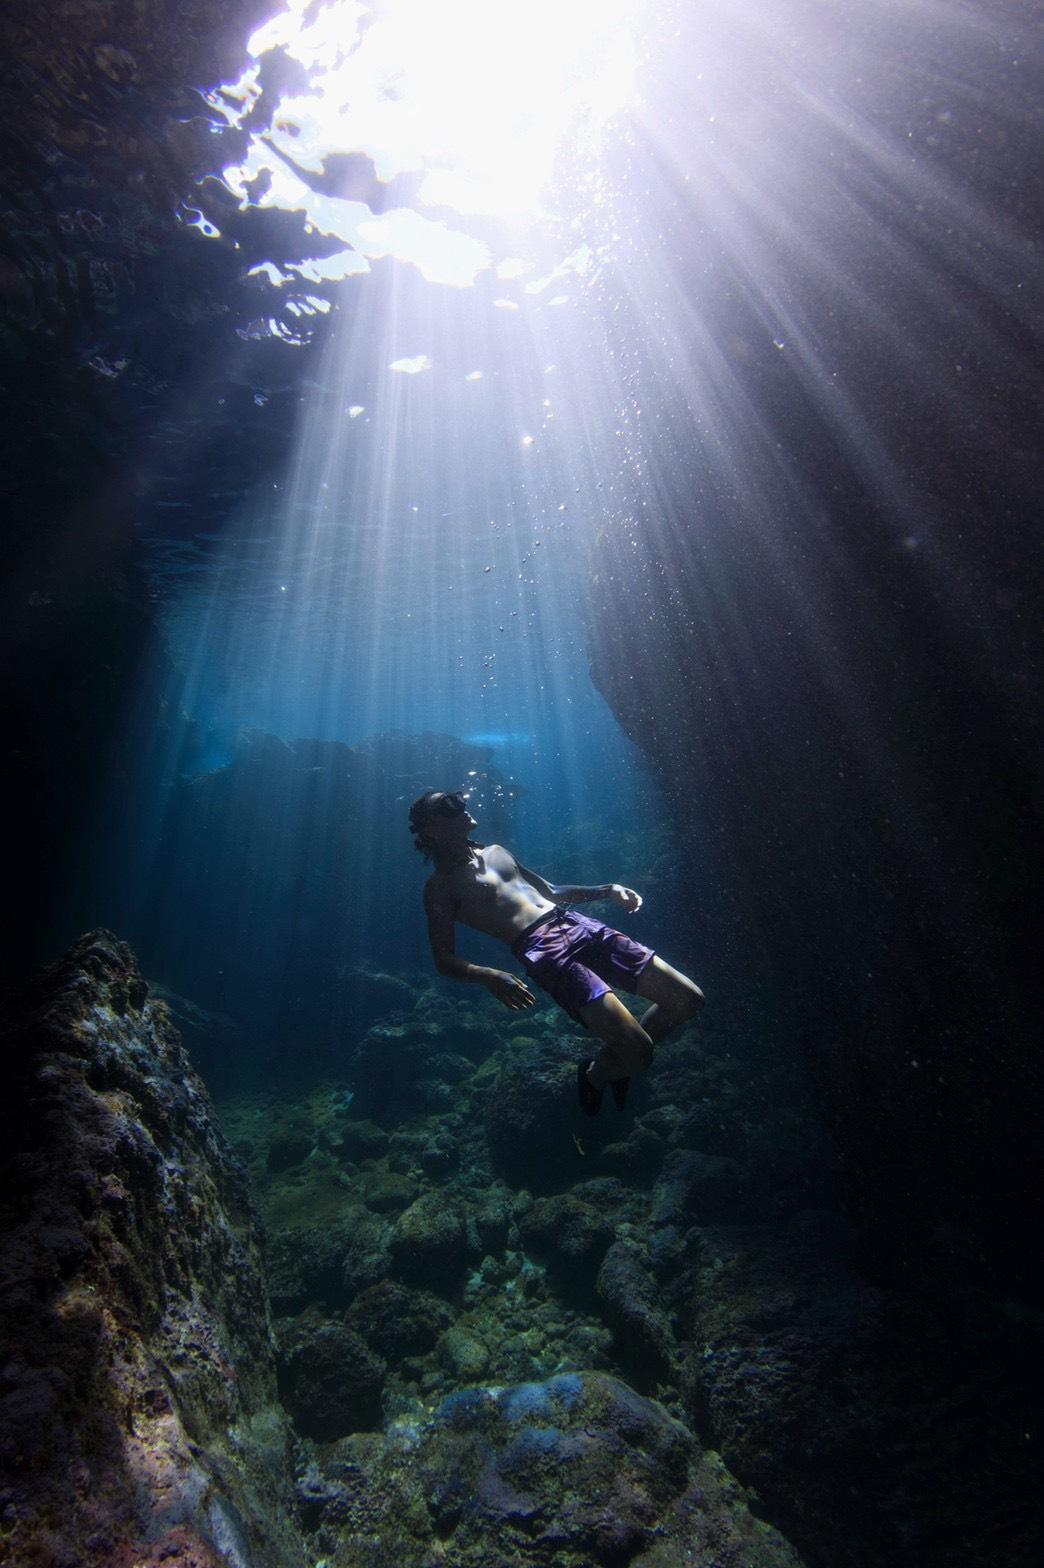 ▲綠島藍洞美得不像話,陳仲熙形容在水底,還能看到光線折射出所謂的耶穌光。